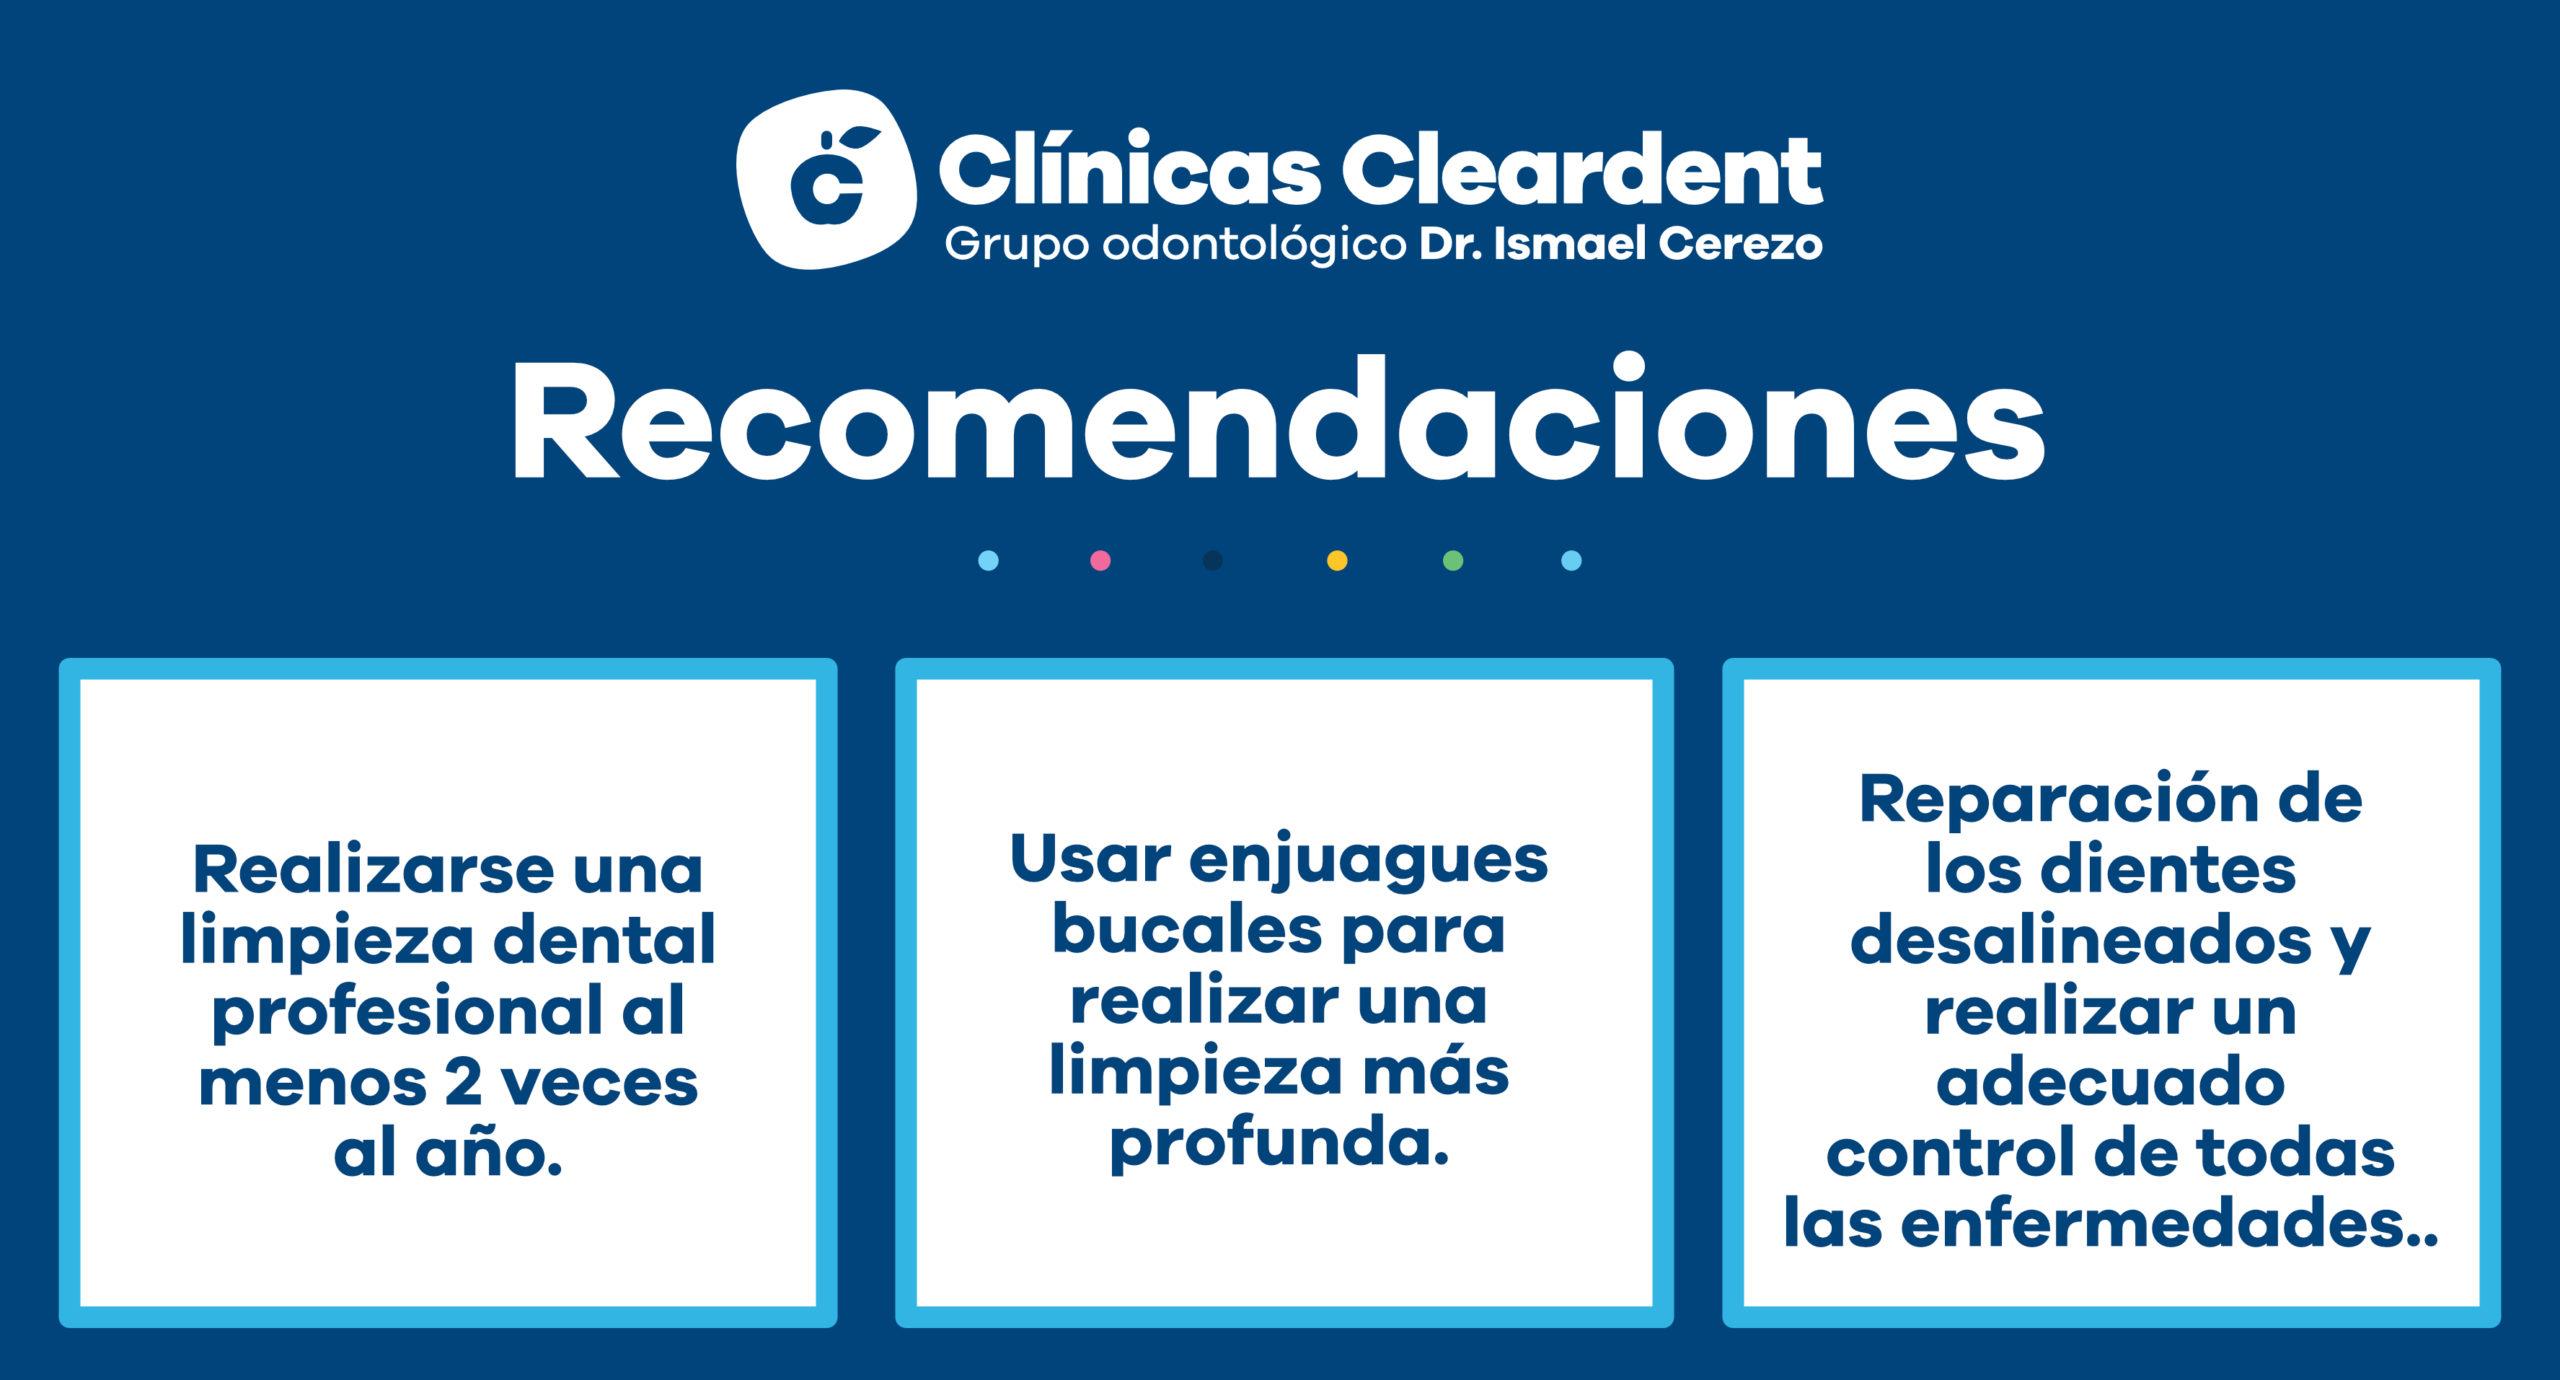 Infografía con recomendaciones para evitar la gingivitis.